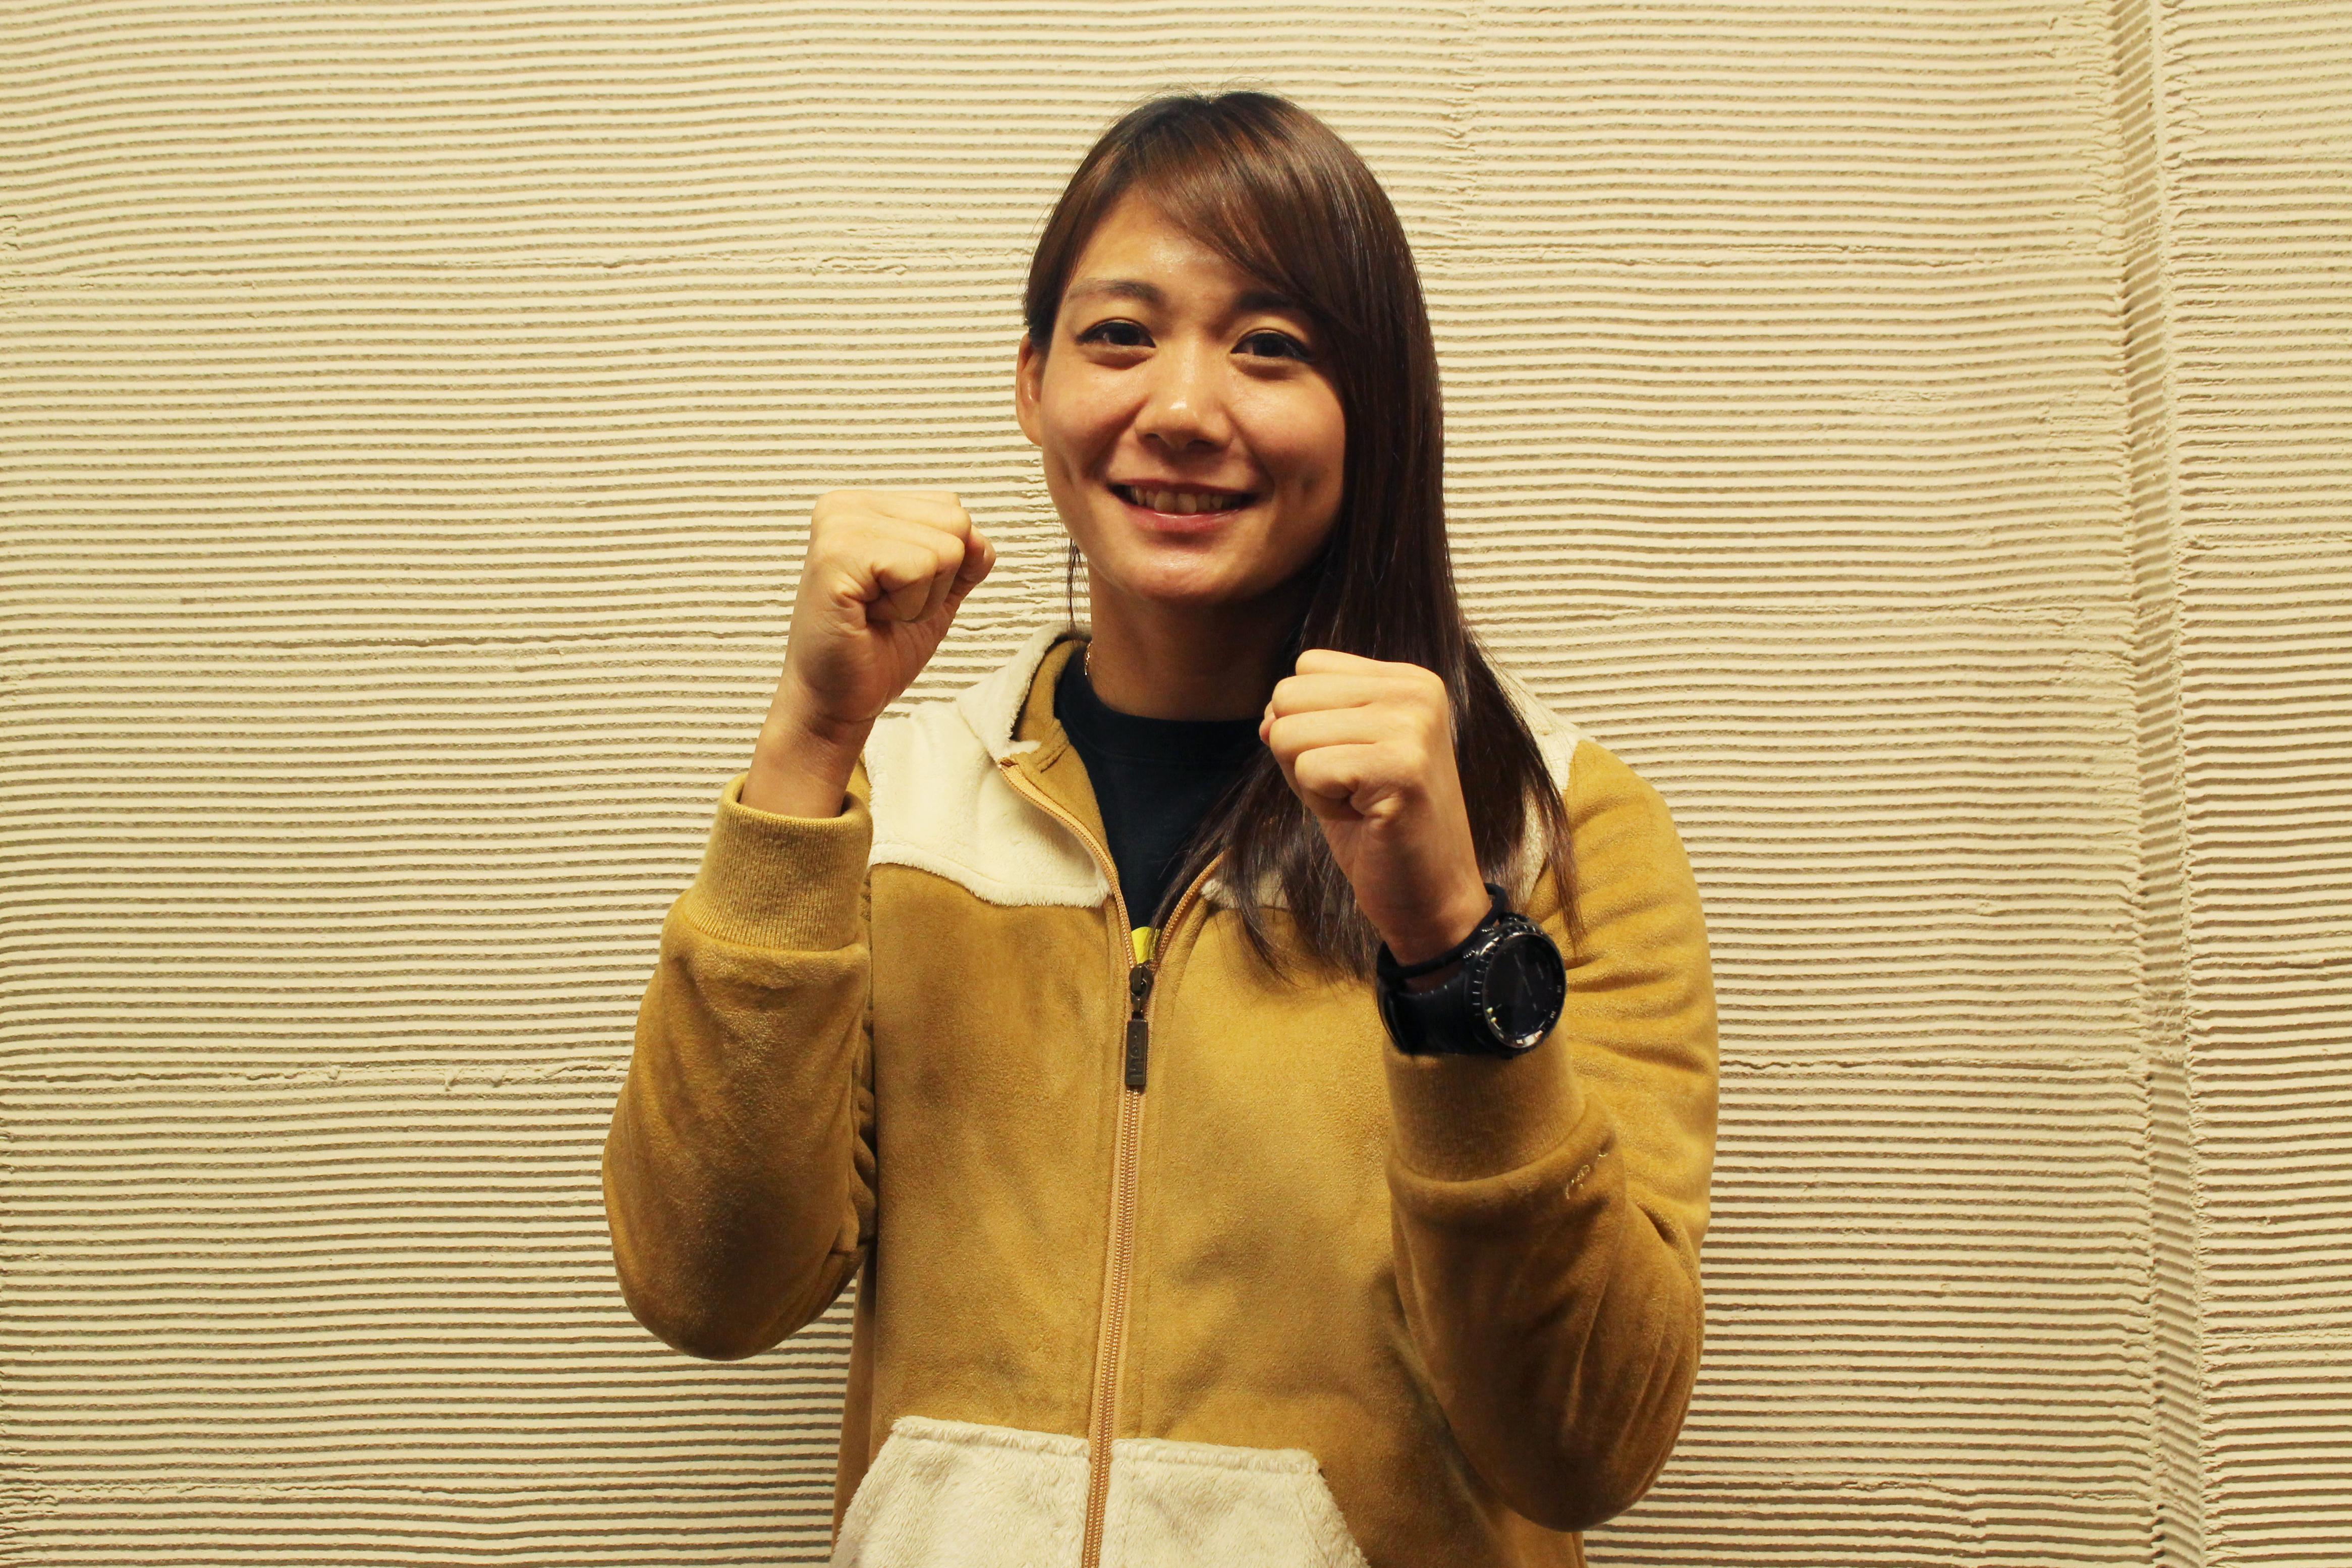 総合格闘家として世界を目指す。渡辺華奈選手インタビュー